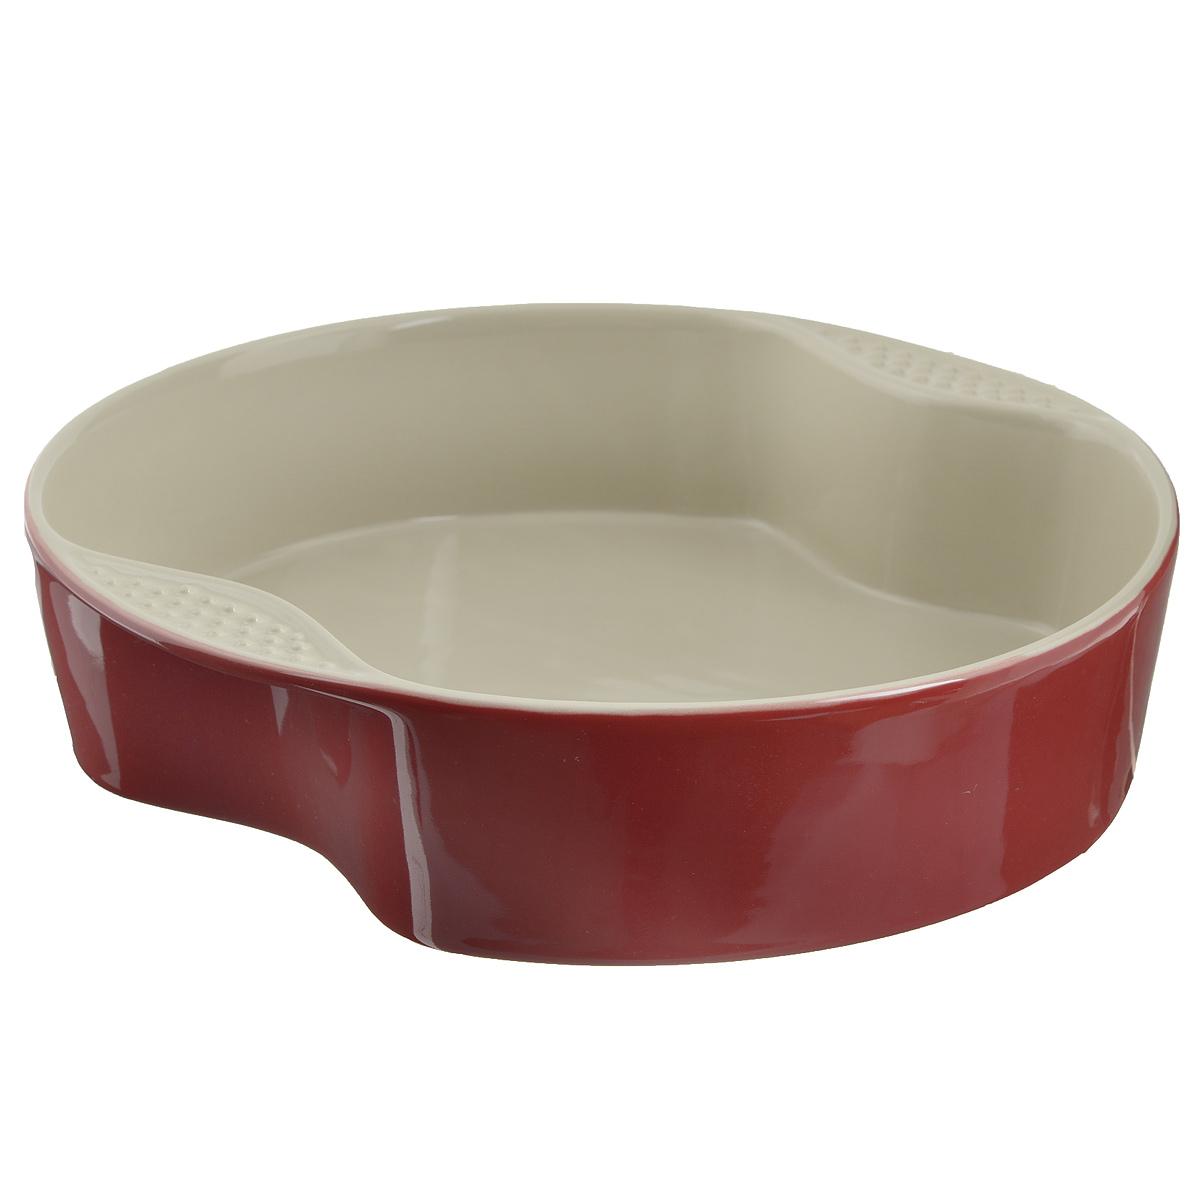 Форма для выпечки Mayer & Boch, цвет: красный, диаметр 29 см21770Форма для выпечки Mayer & Boch изготовленная из жаропрочной керамики, подходит для любого вида пищи. Элегантный дизайн идеально подходит для современного дома. Изделия из керамики идеально подходят как для приготовления пищи, так и для подачи на стол. Материал не содержит свинца и кадмия. С такой формой вы всегда сможете порадовать своих близких оригинальным блюдом. Форму для выпечки можно использовать в духовом шкафу и в микроволновой печи, замораживать в холодильнике. Можно мыть в посудомоечной машине. Размер формы (с учетом ручек): 29 см х 29 см х 7 см. Размер формы (без учета ручек): 21,5 см х 27,5 см х 7 см. Высота стенок: 7 см. Толщина стенок: 6-7 мм.